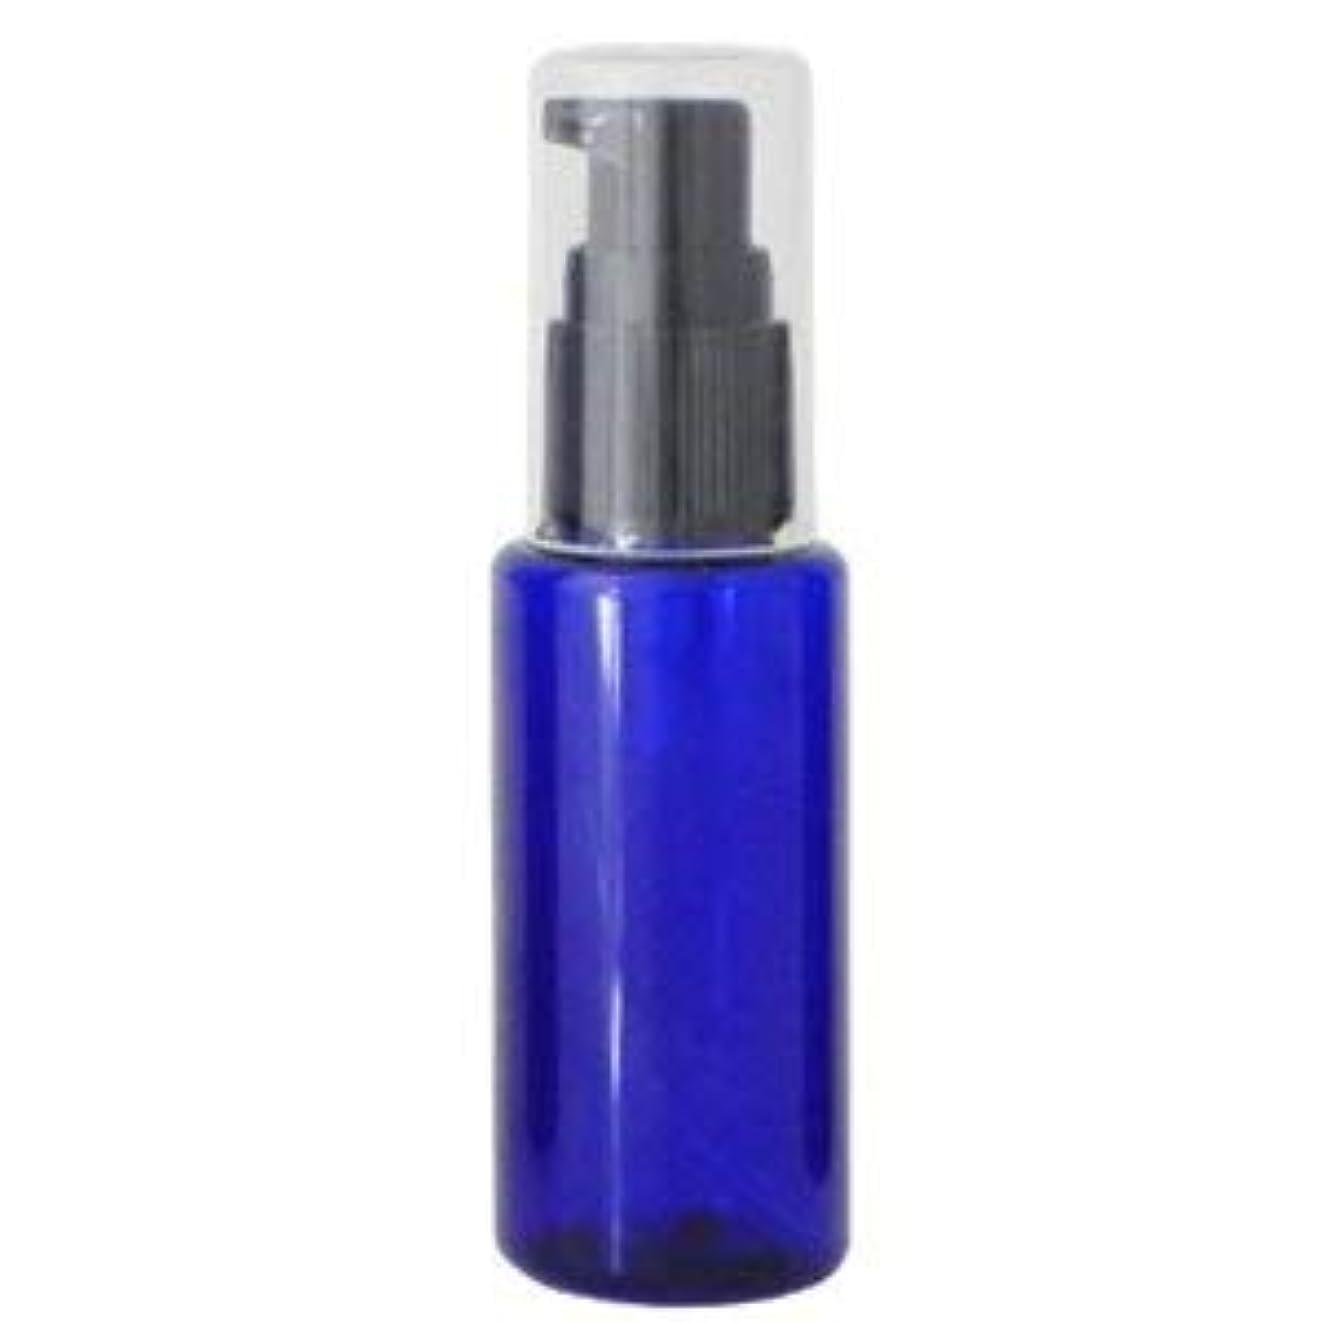 指令提出するパールPETボトル ポンプ コバルトブルー (青) 50ml